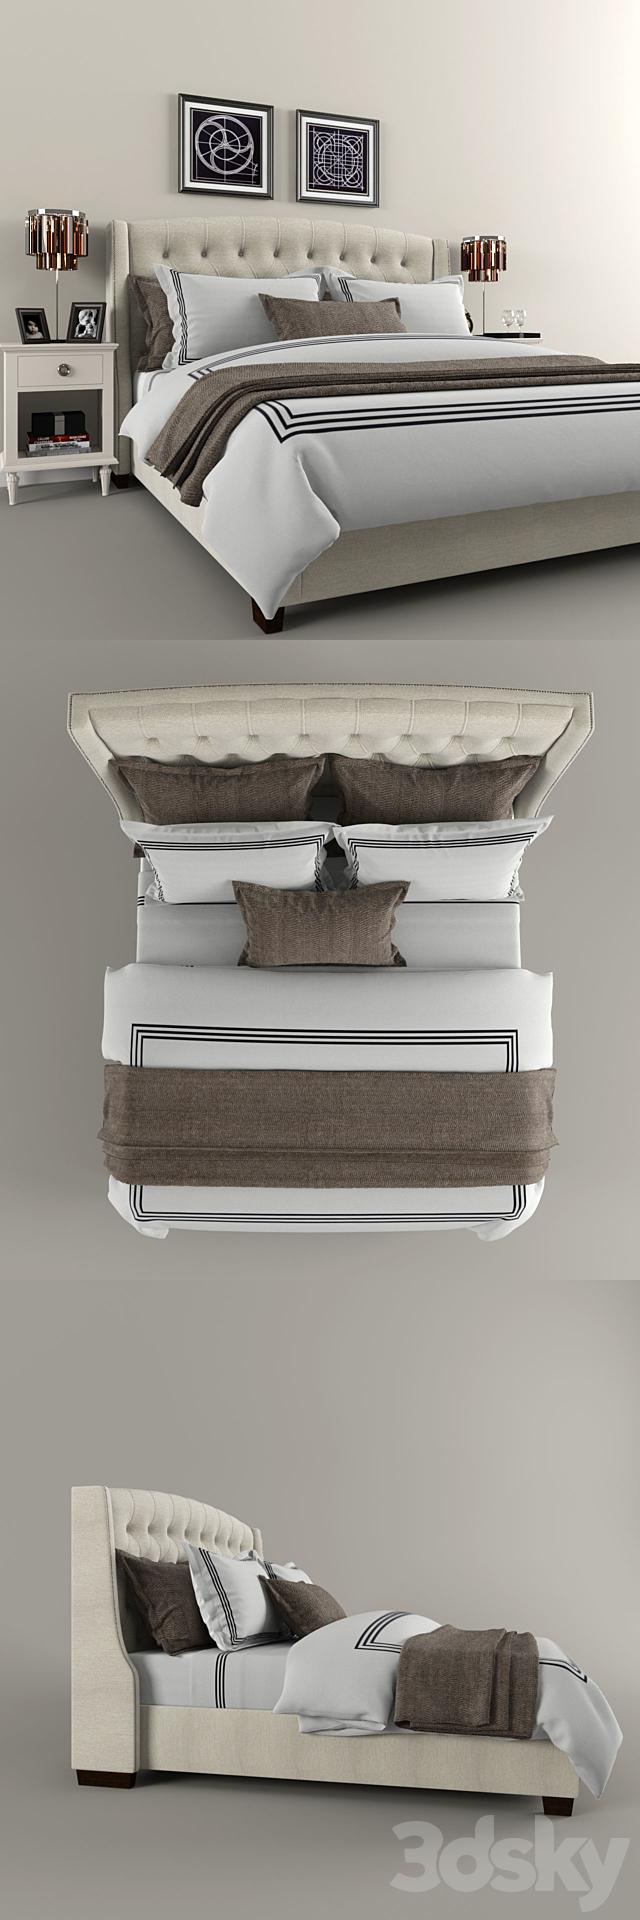 Restoration Hardware Warner Tufted bed